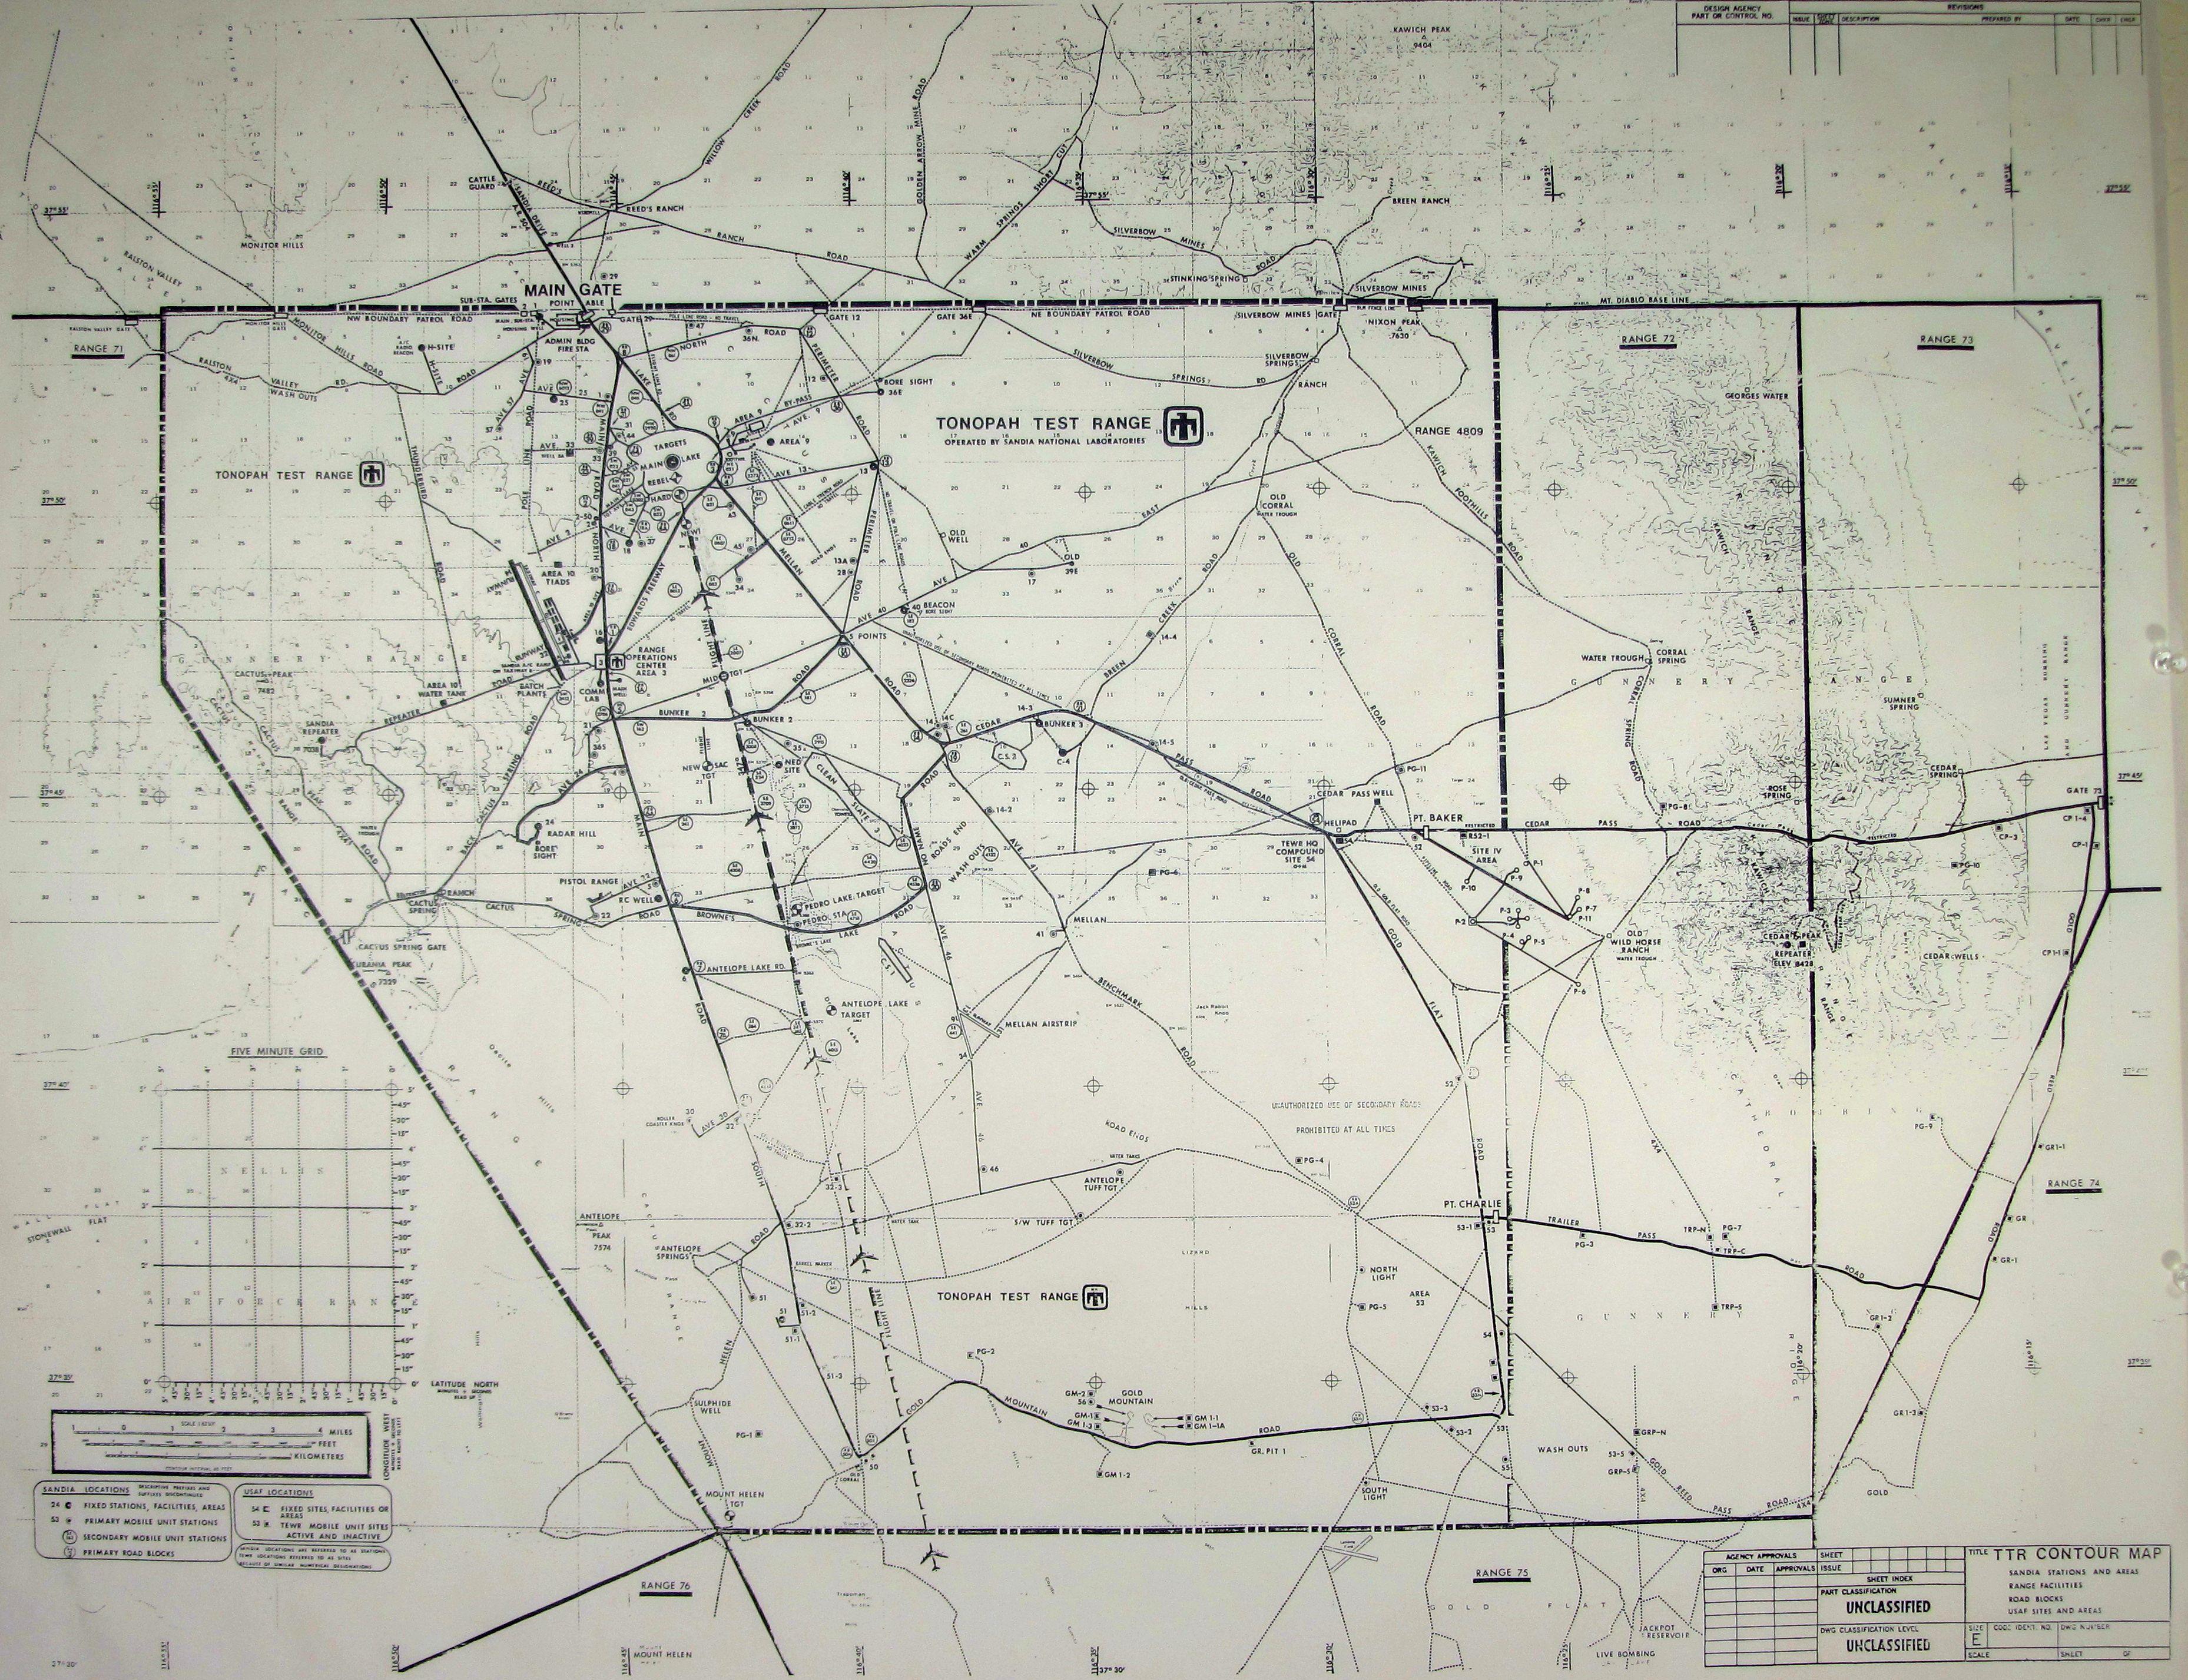 Tonopah Test Range Map